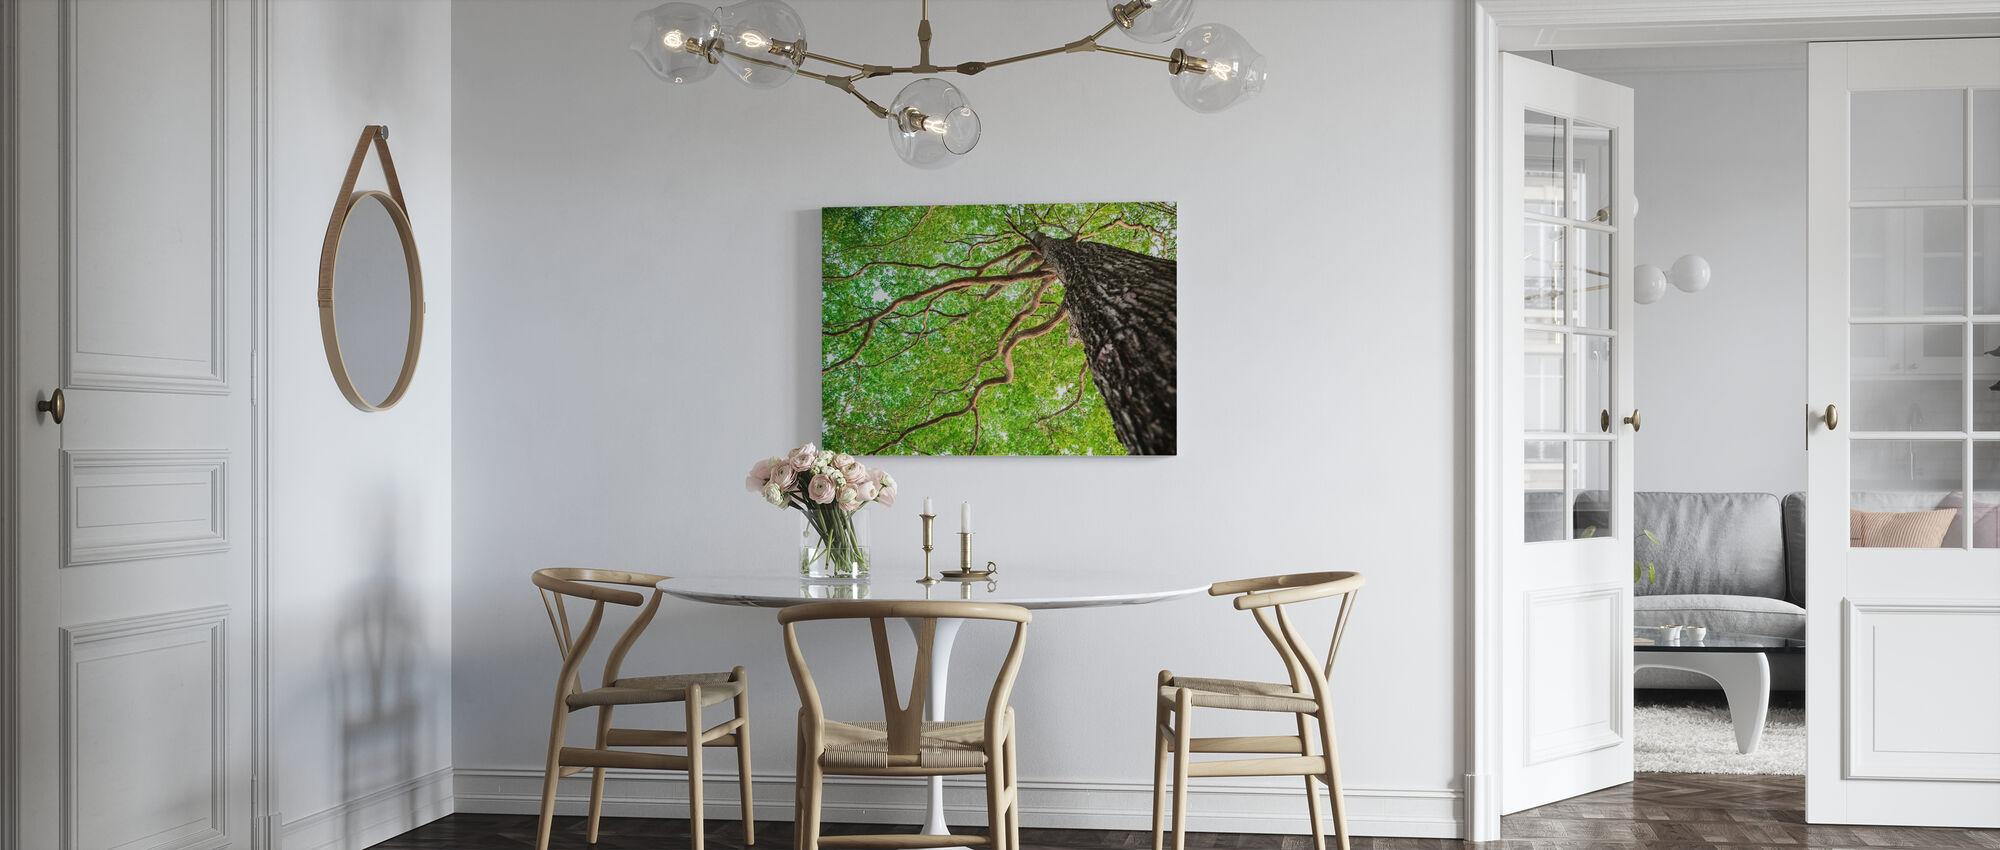 Grønt blad Træ - Billede på lærred - Køkken